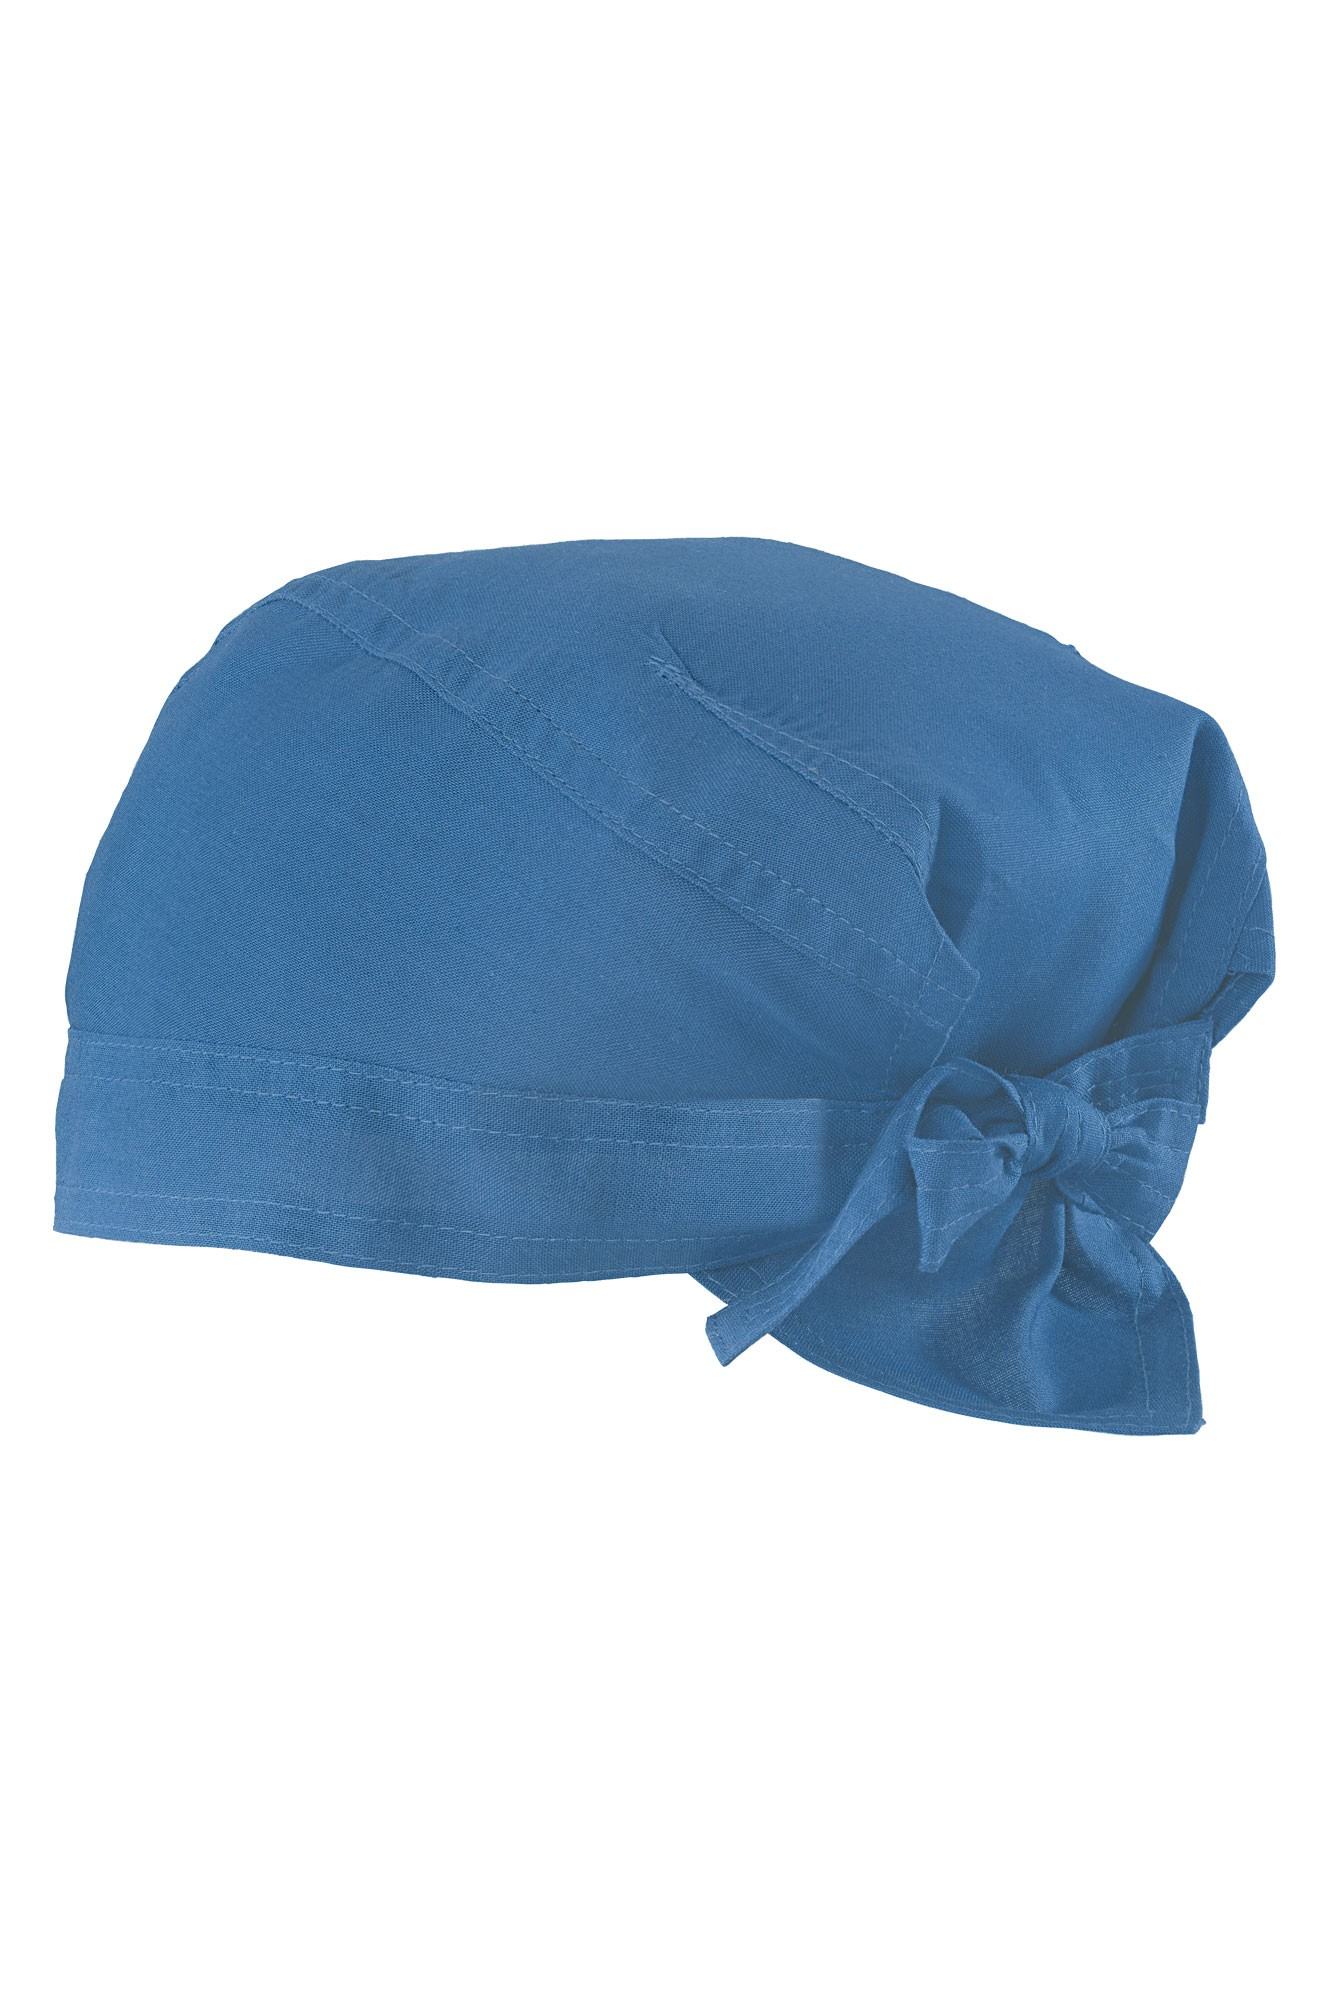 Šátek Bandana - světle modrá